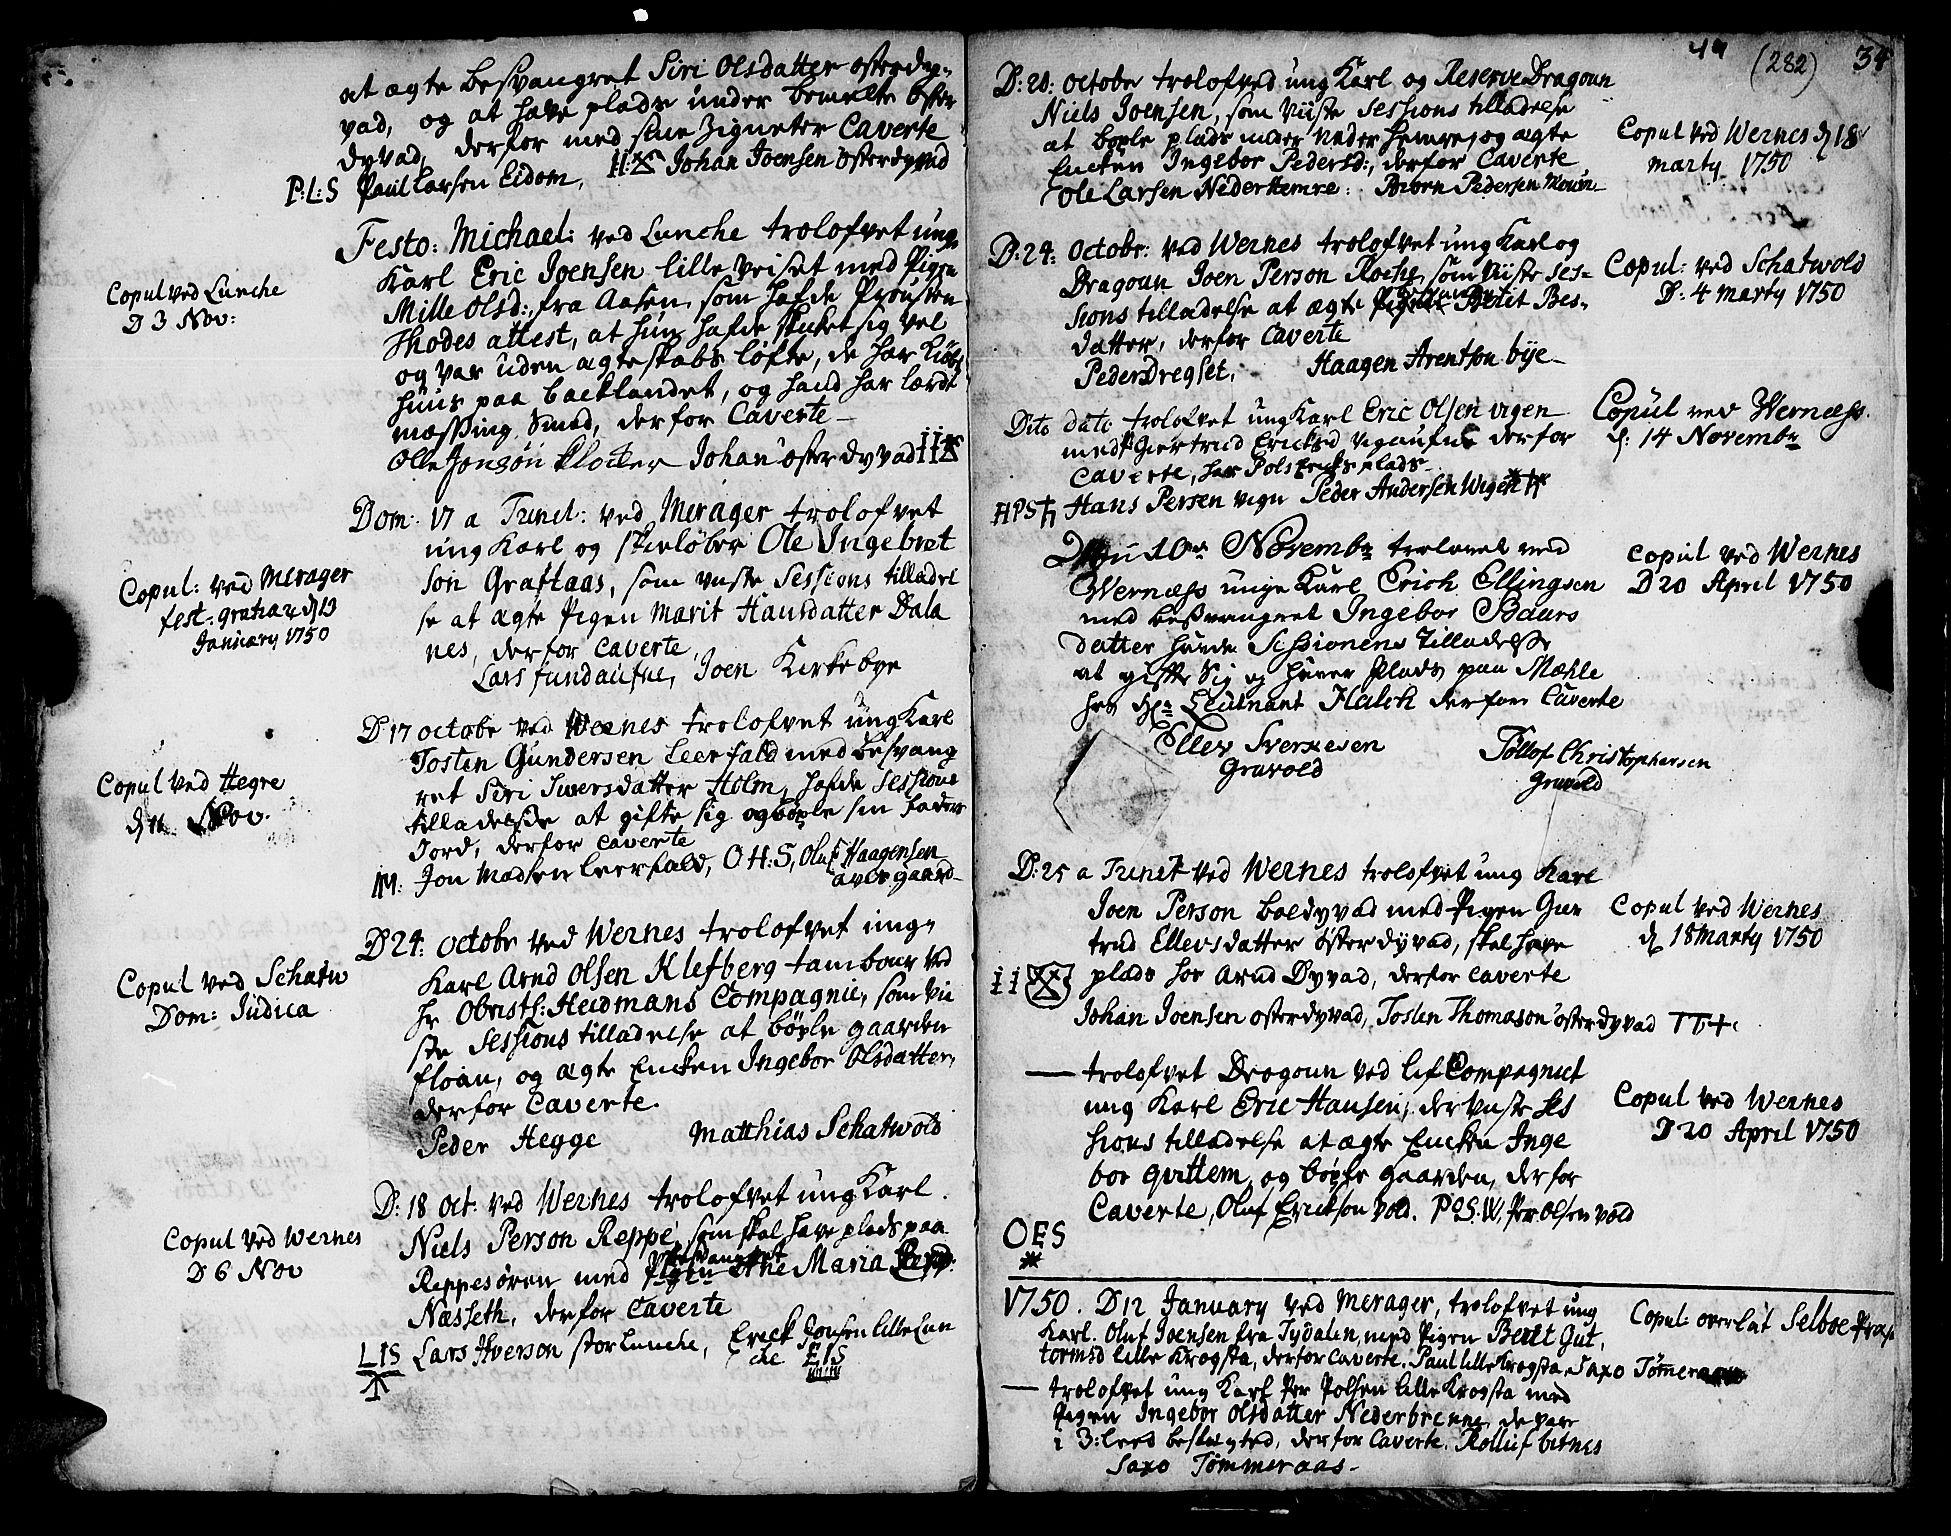 SAT, Ministerialprotokoller, klokkerbøker og fødselsregistre - Nord-Trøndelag, 709/L0056: Ministerialbok nr. 709A04, 1740-1756, s. 282